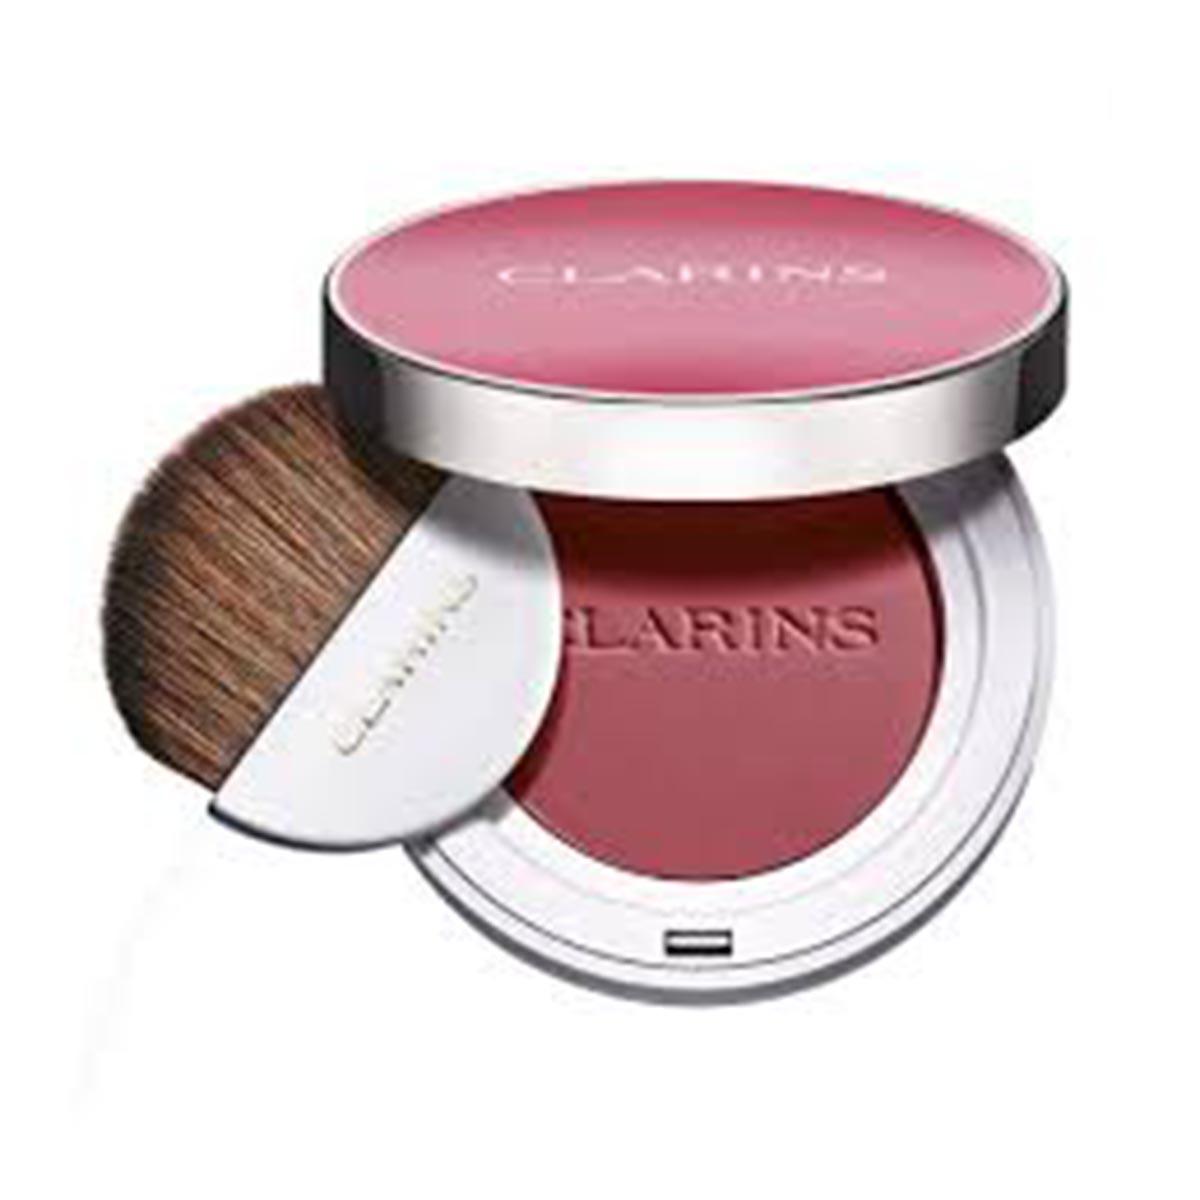 Clarins joli blush colorete 04